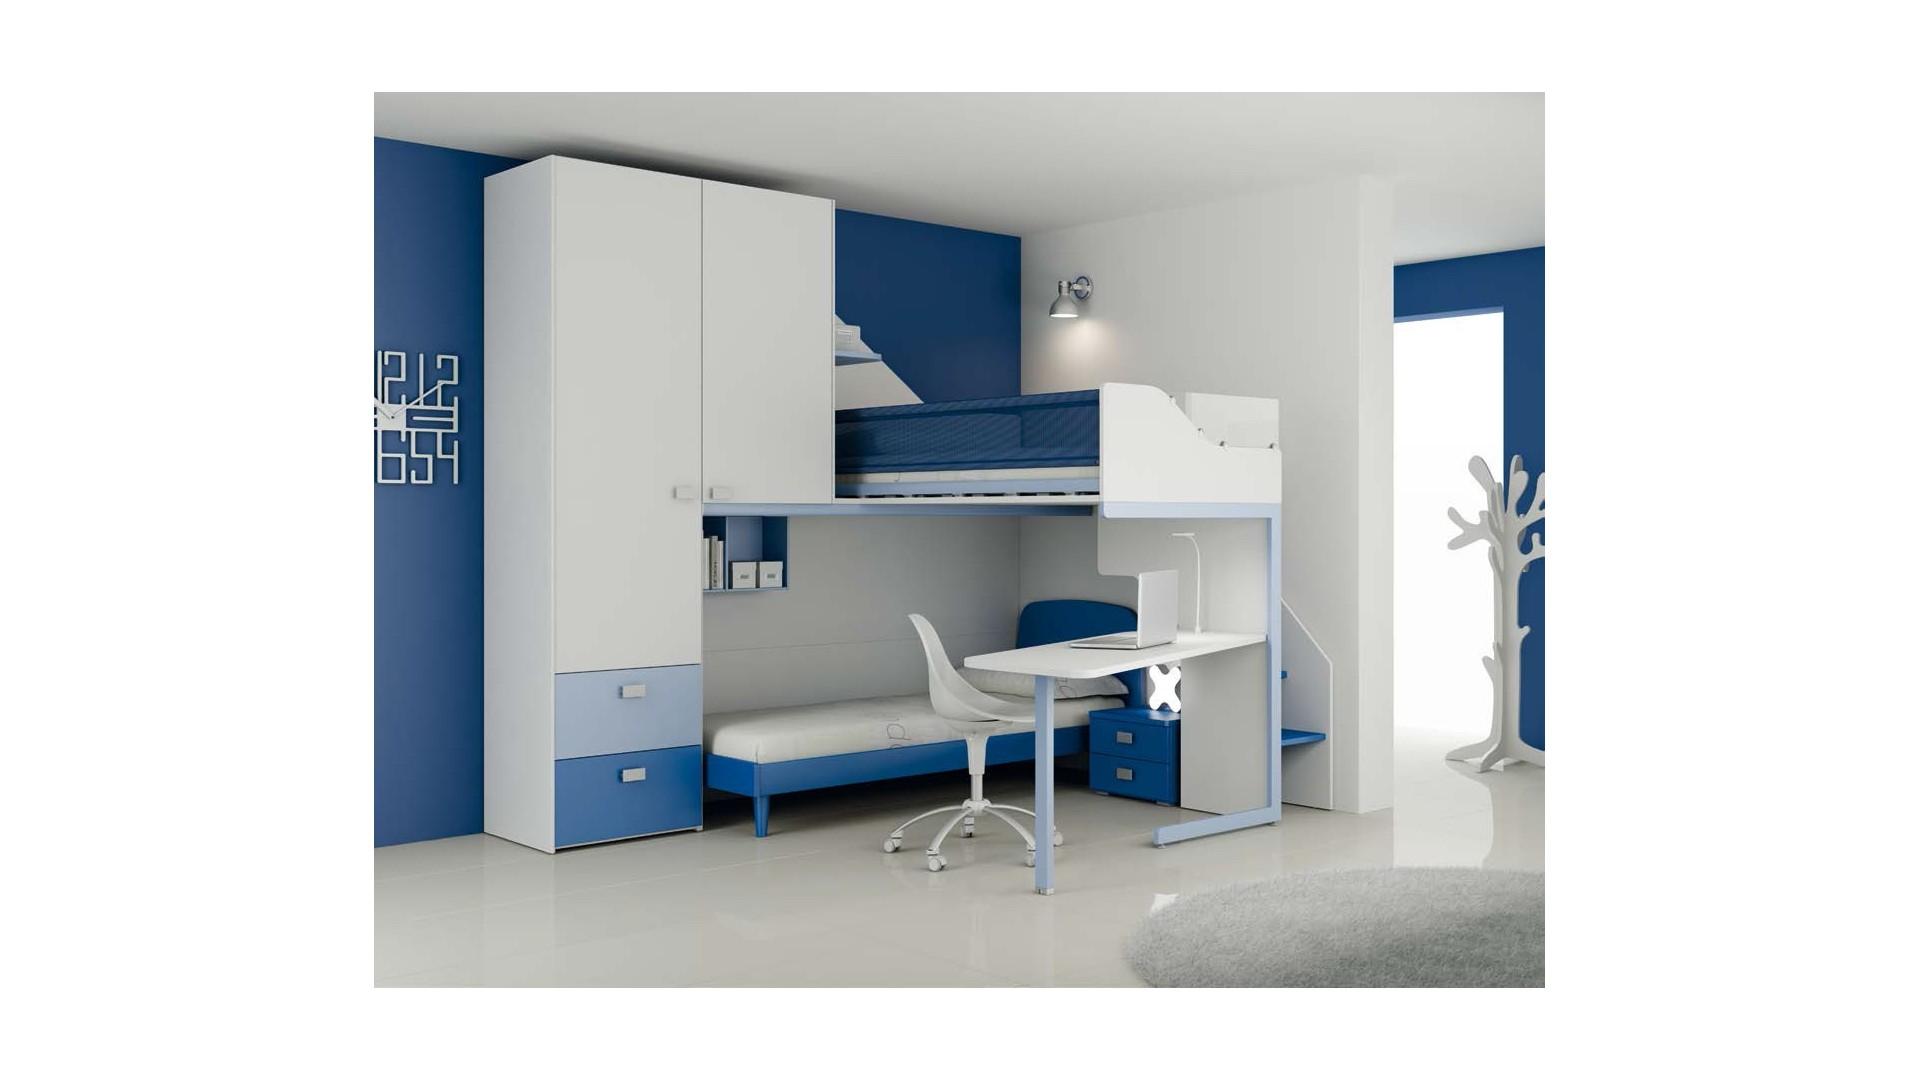 Chambre enfant pour garçon moderne & design-MORETTI COMPACT - SO NUIT